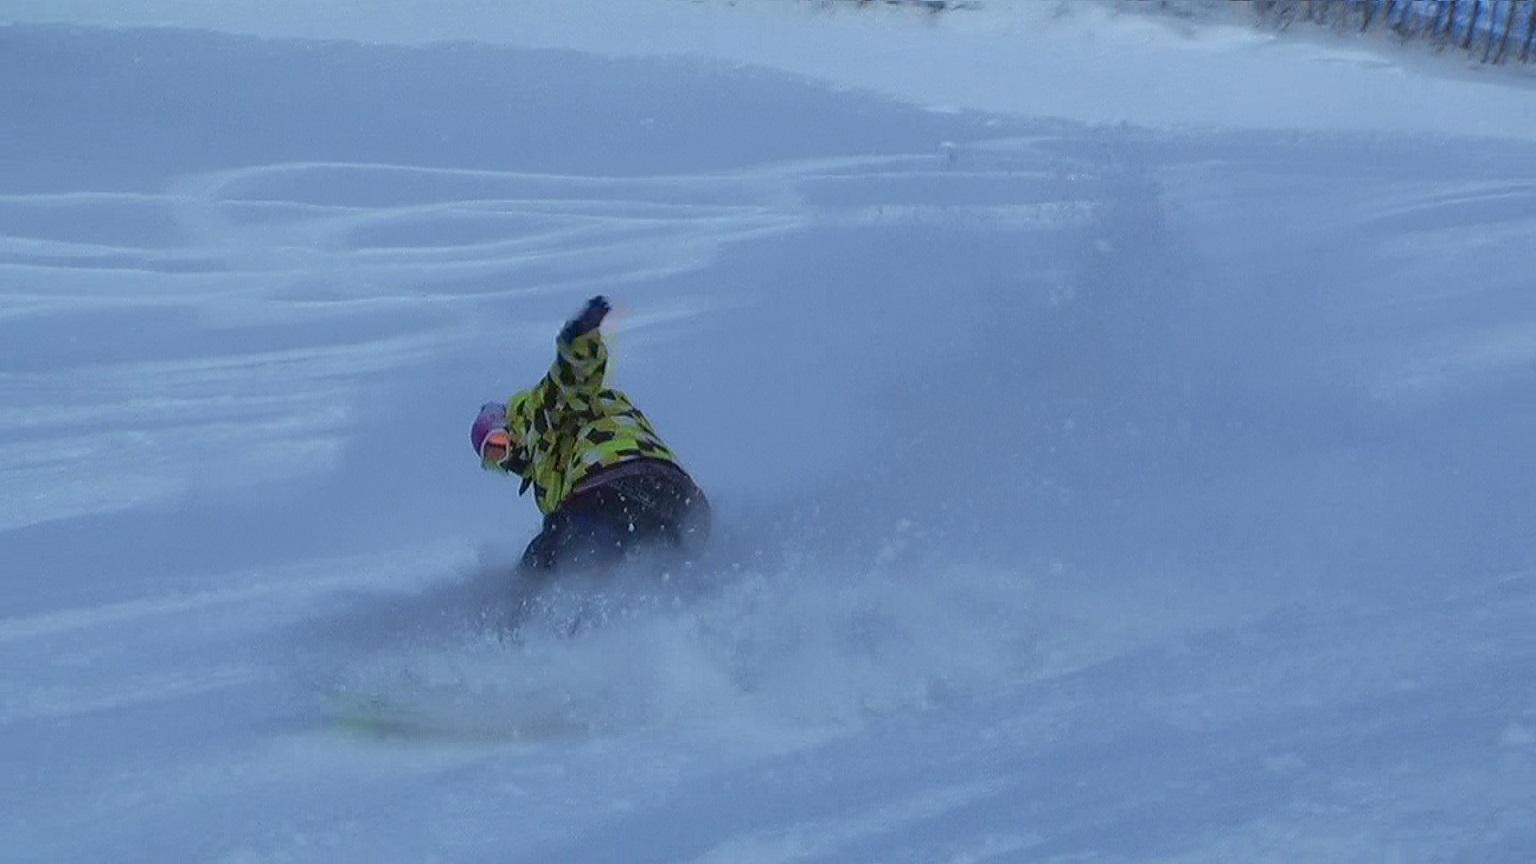 スノーボードパウダーライディング